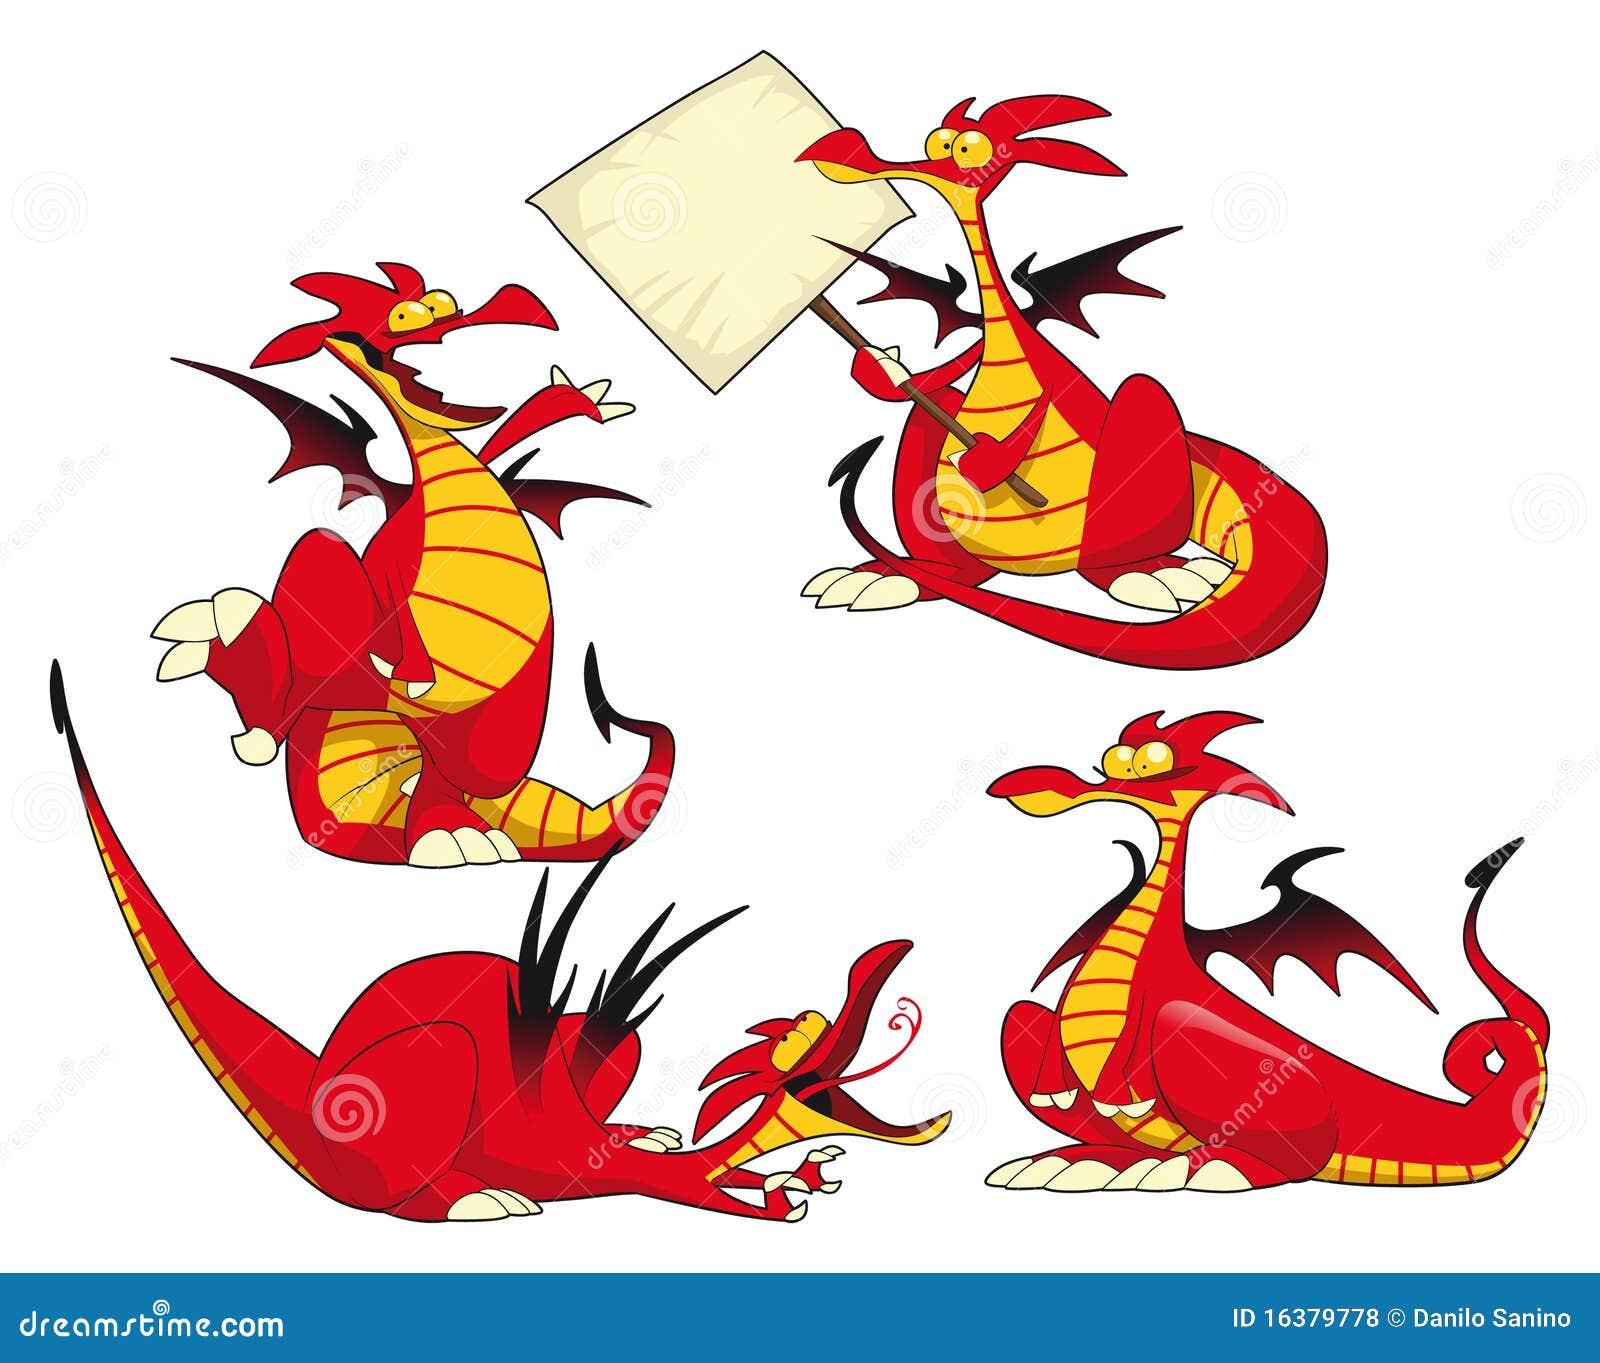 Book logos stock vector image 42714029 - Fotos De Stock Royalty Free